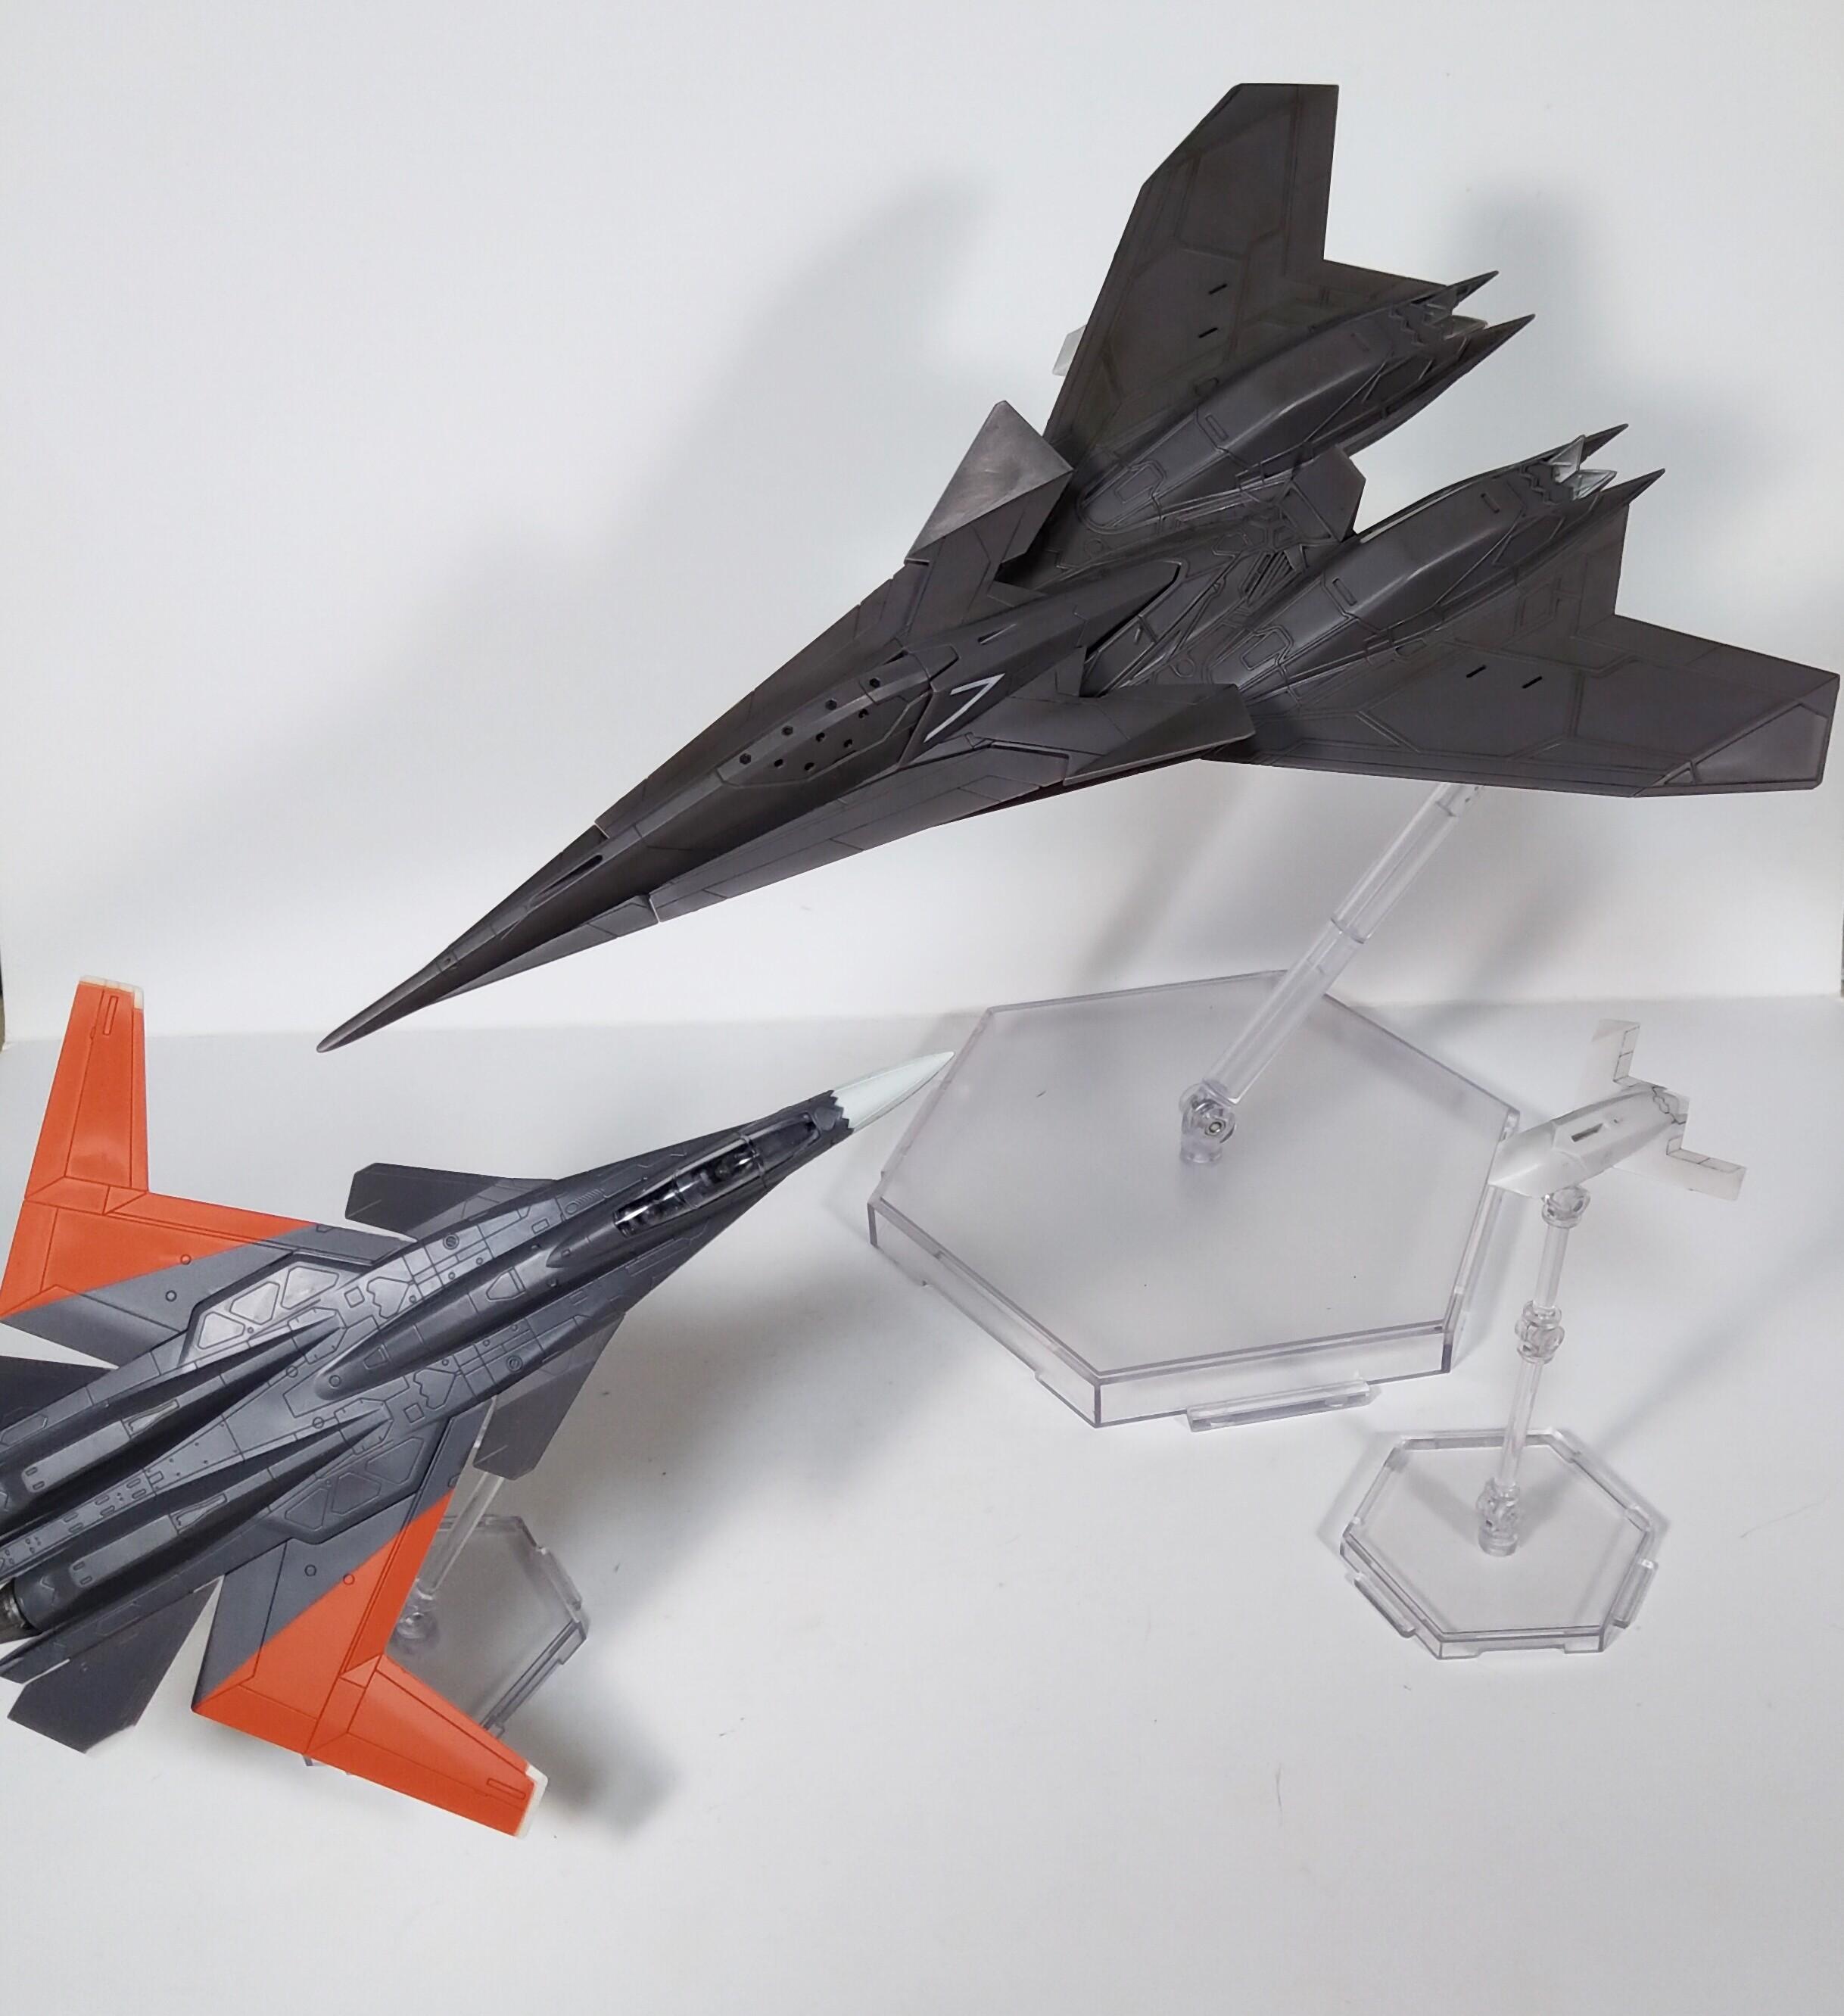 コトブキヤ:1/144 ADF-11F レーベン レビュー : いつもクチャクチャ